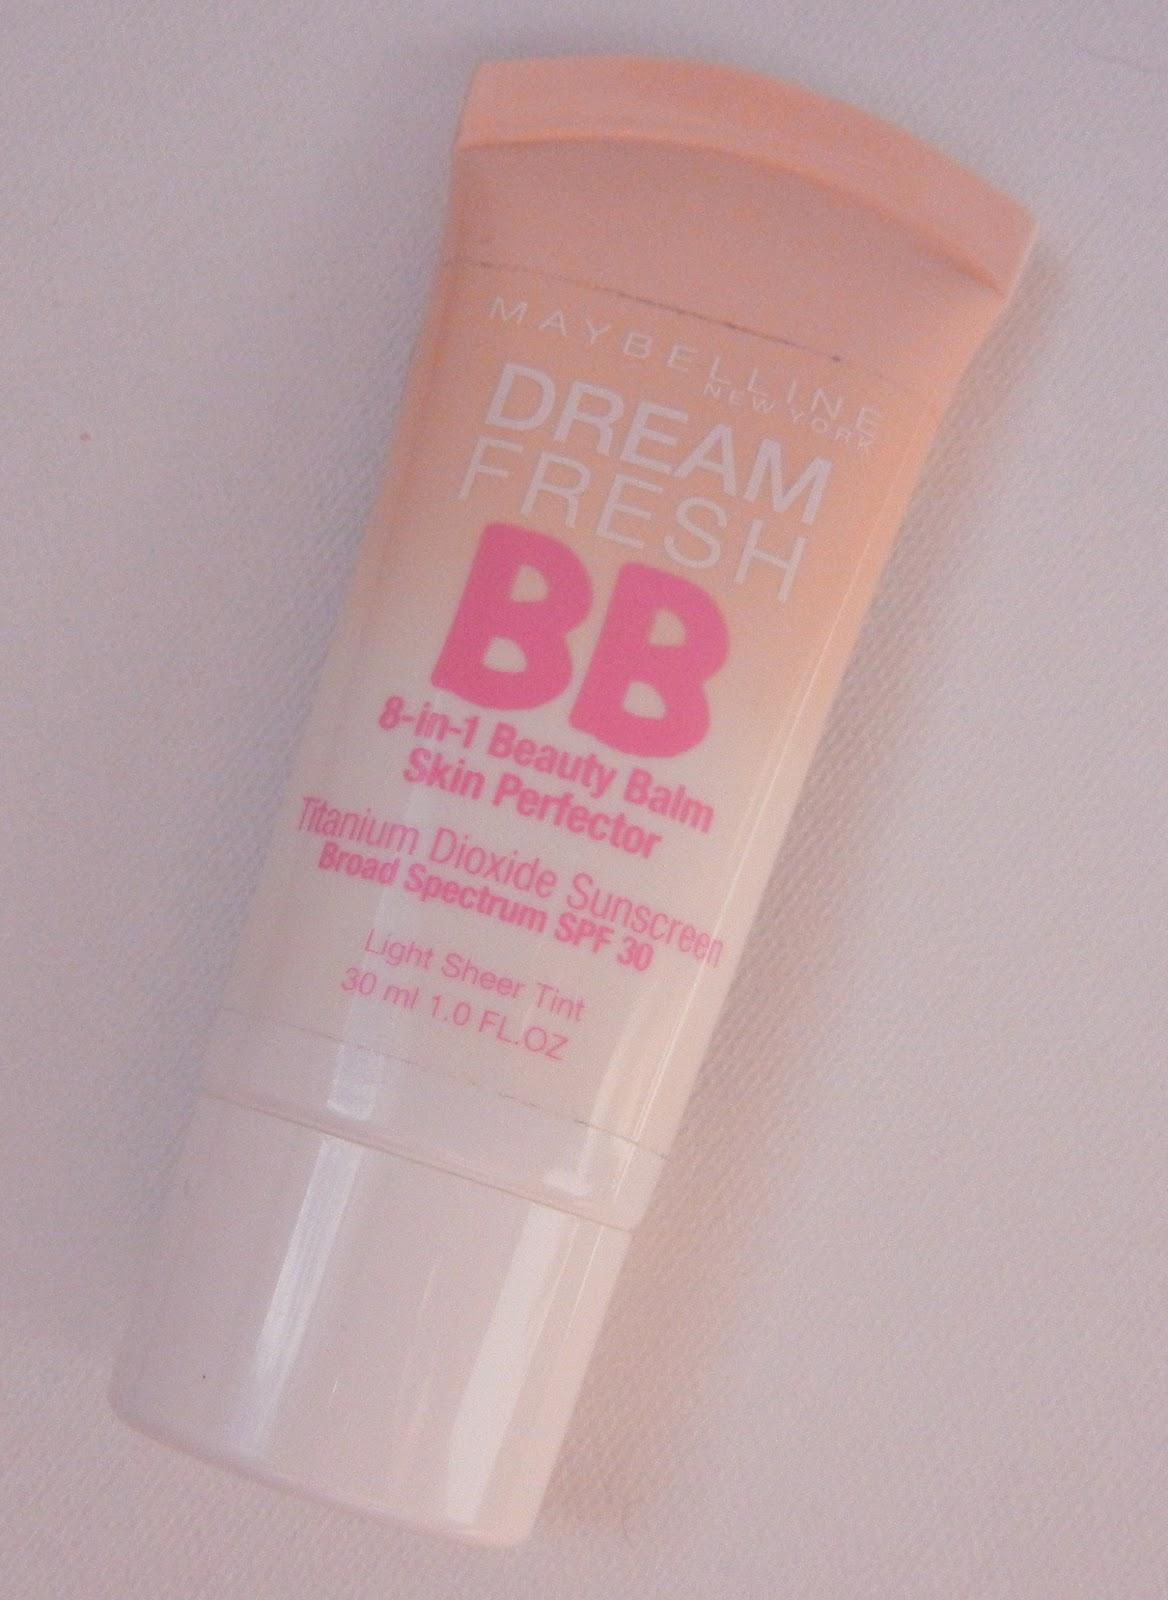 Dream Fresh BB Cream by Maybelline #16